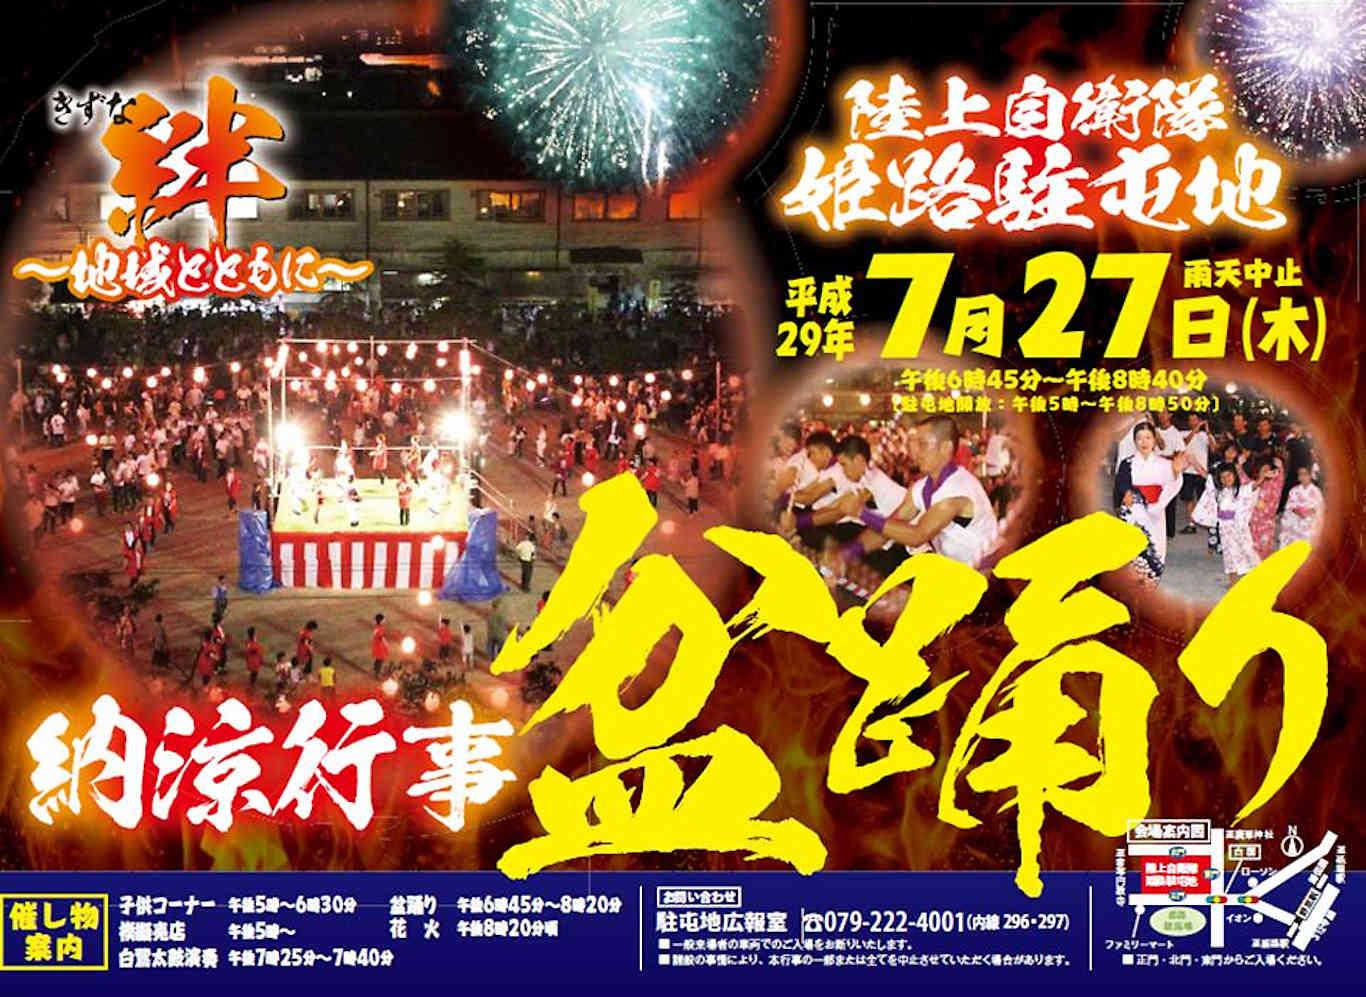 姫路自衛隊花火大会 涼行事 盆踊り2017